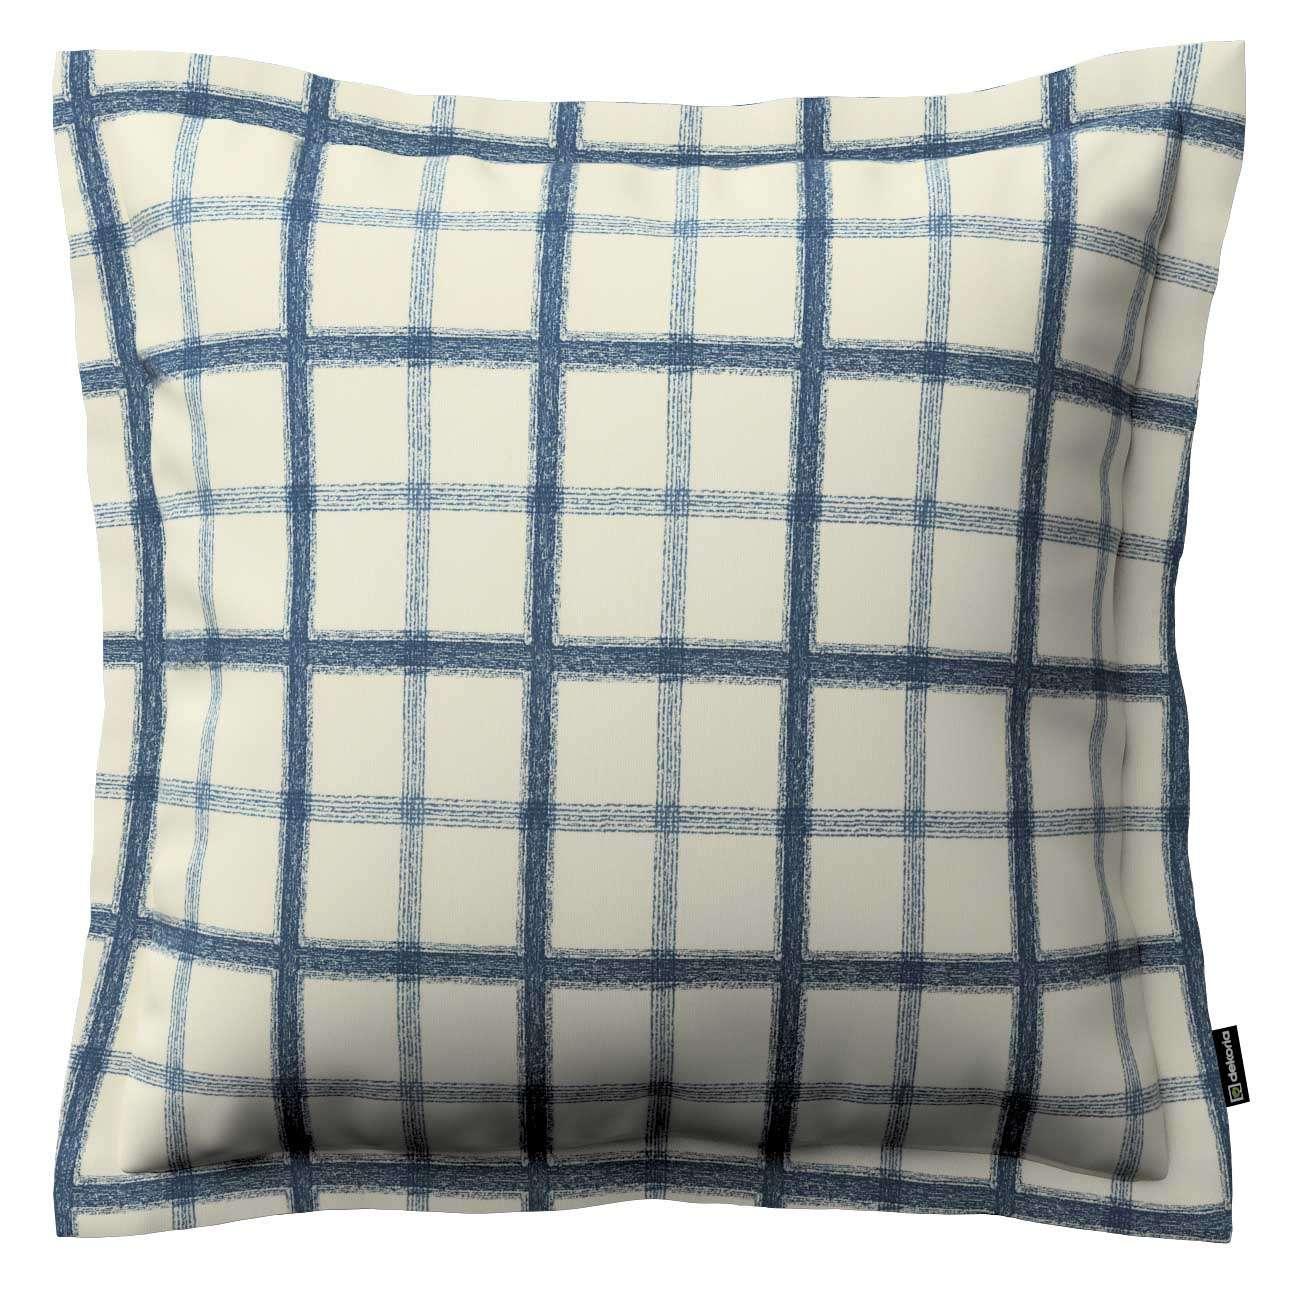 Poszewka Mona na poduszkę 45x45 cm w kolekcji Avinon, tkanina: 131-66